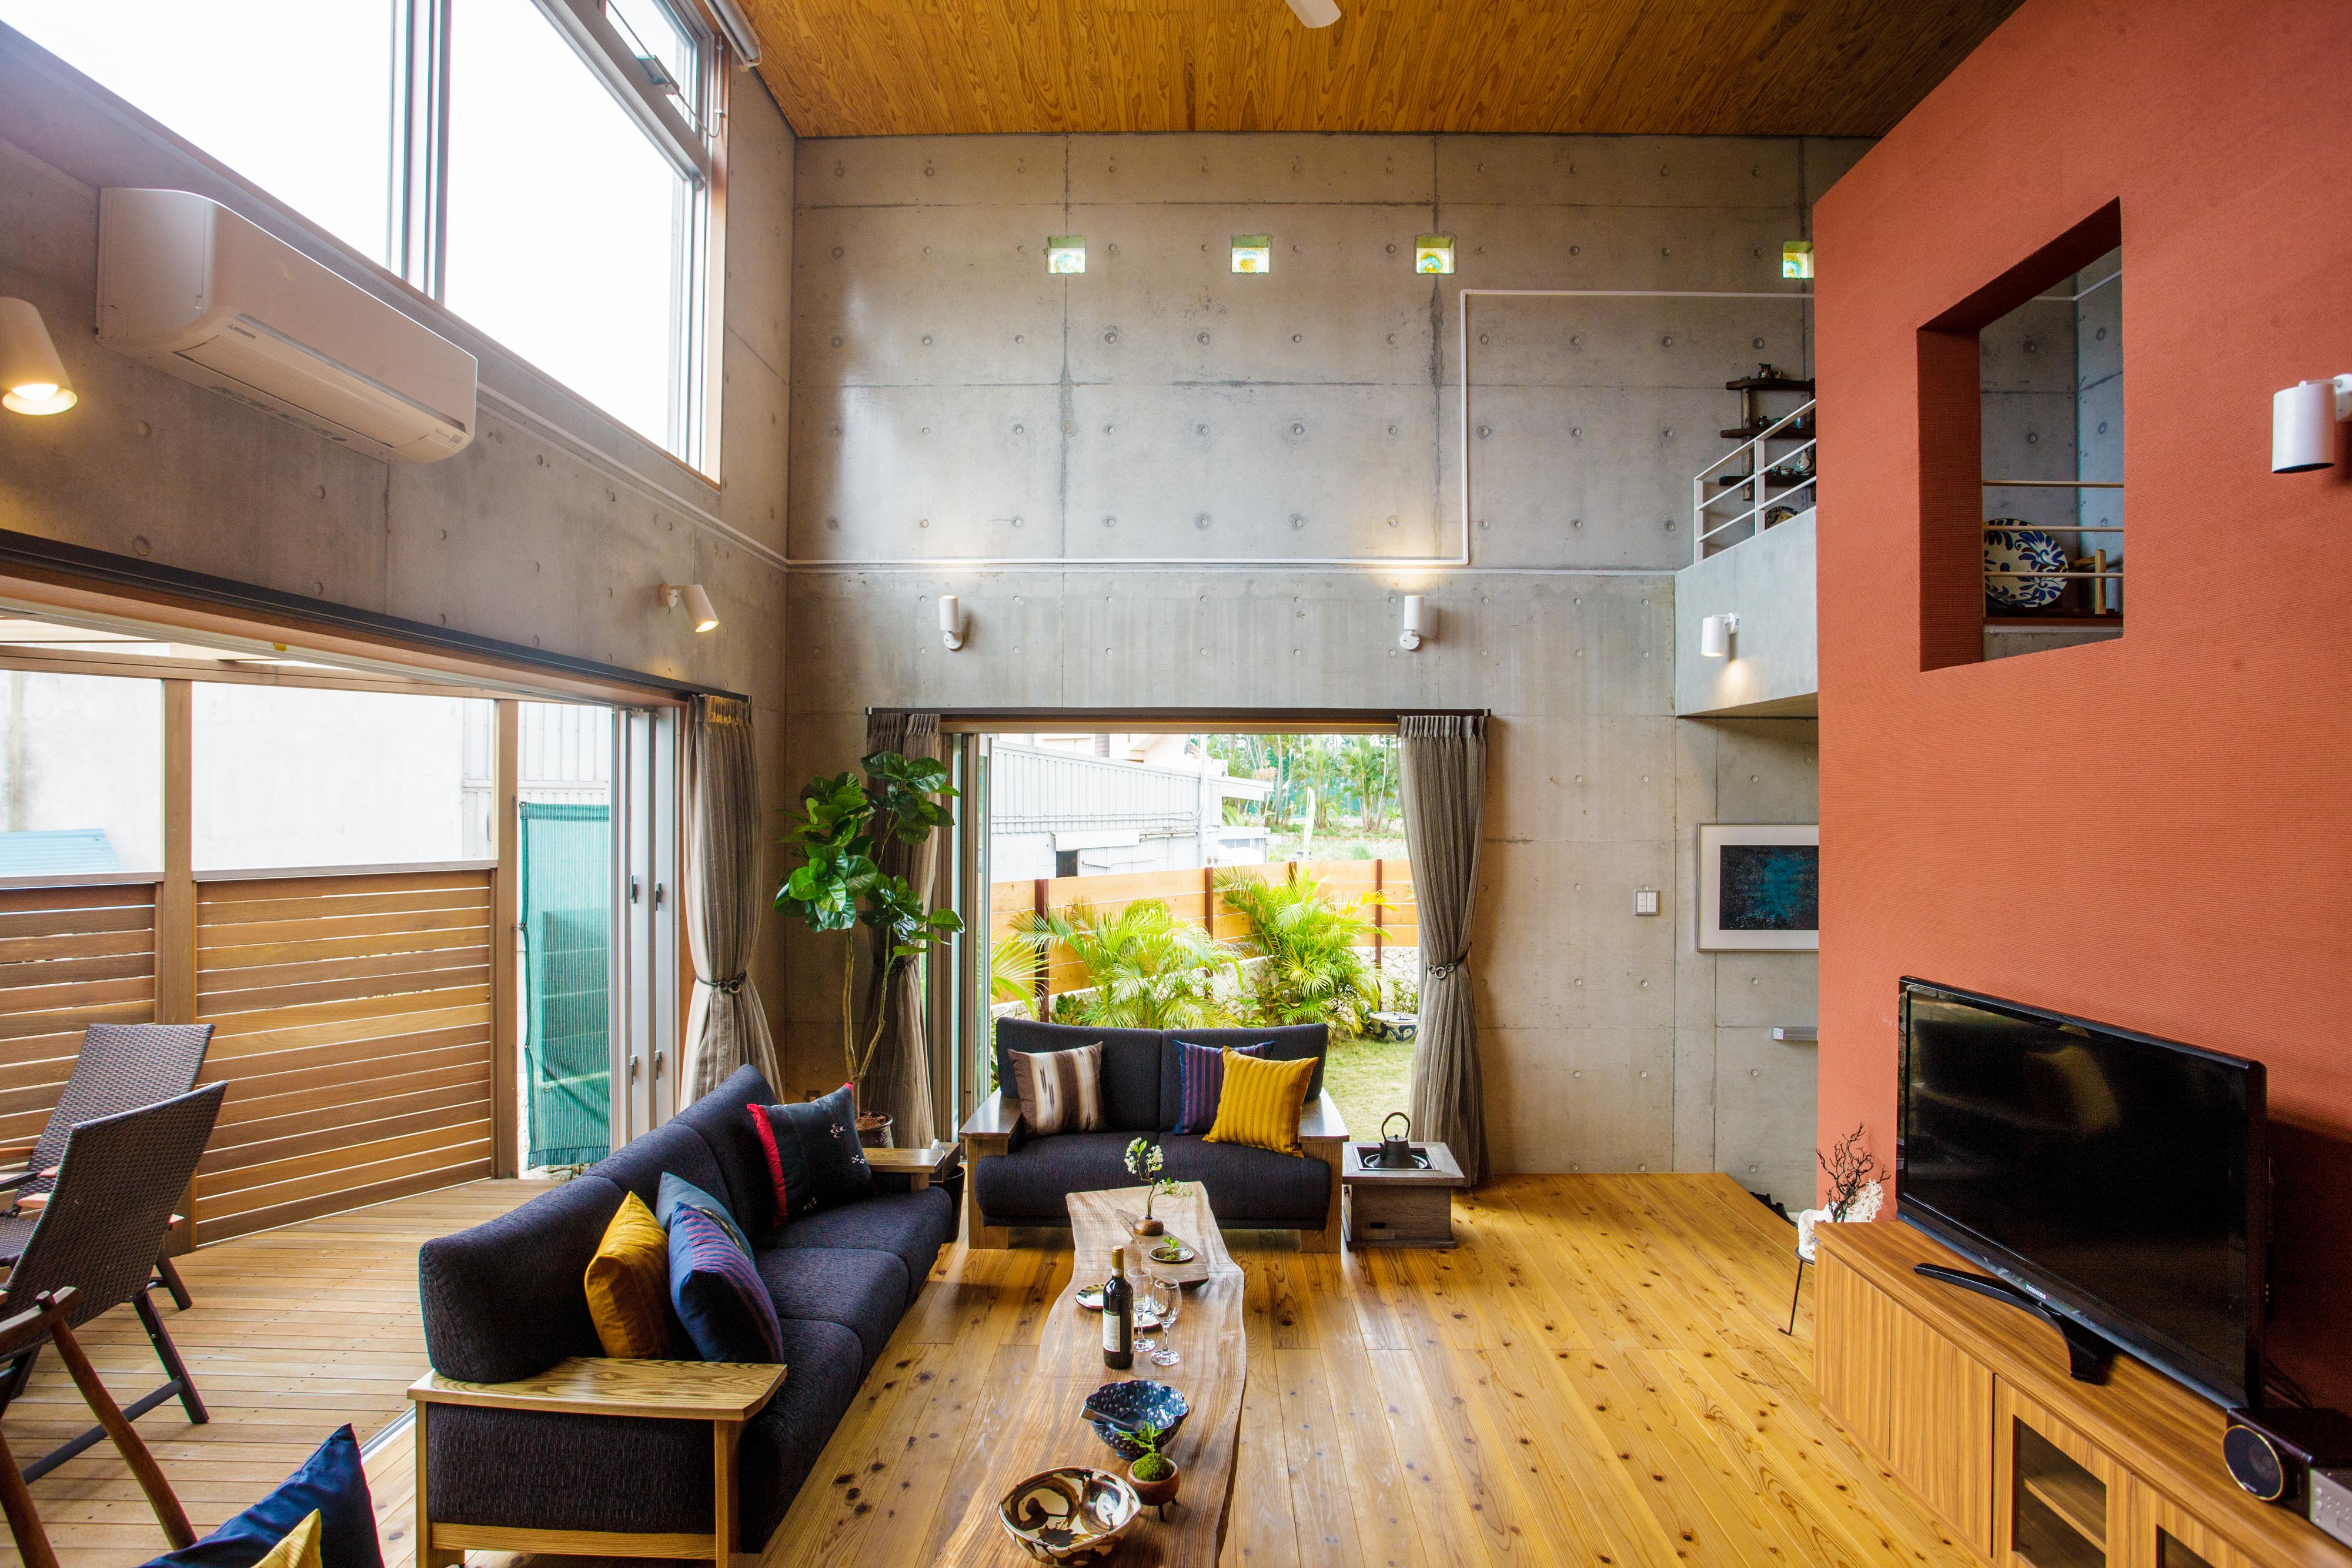 Japan Listing – Yachimuin House 4